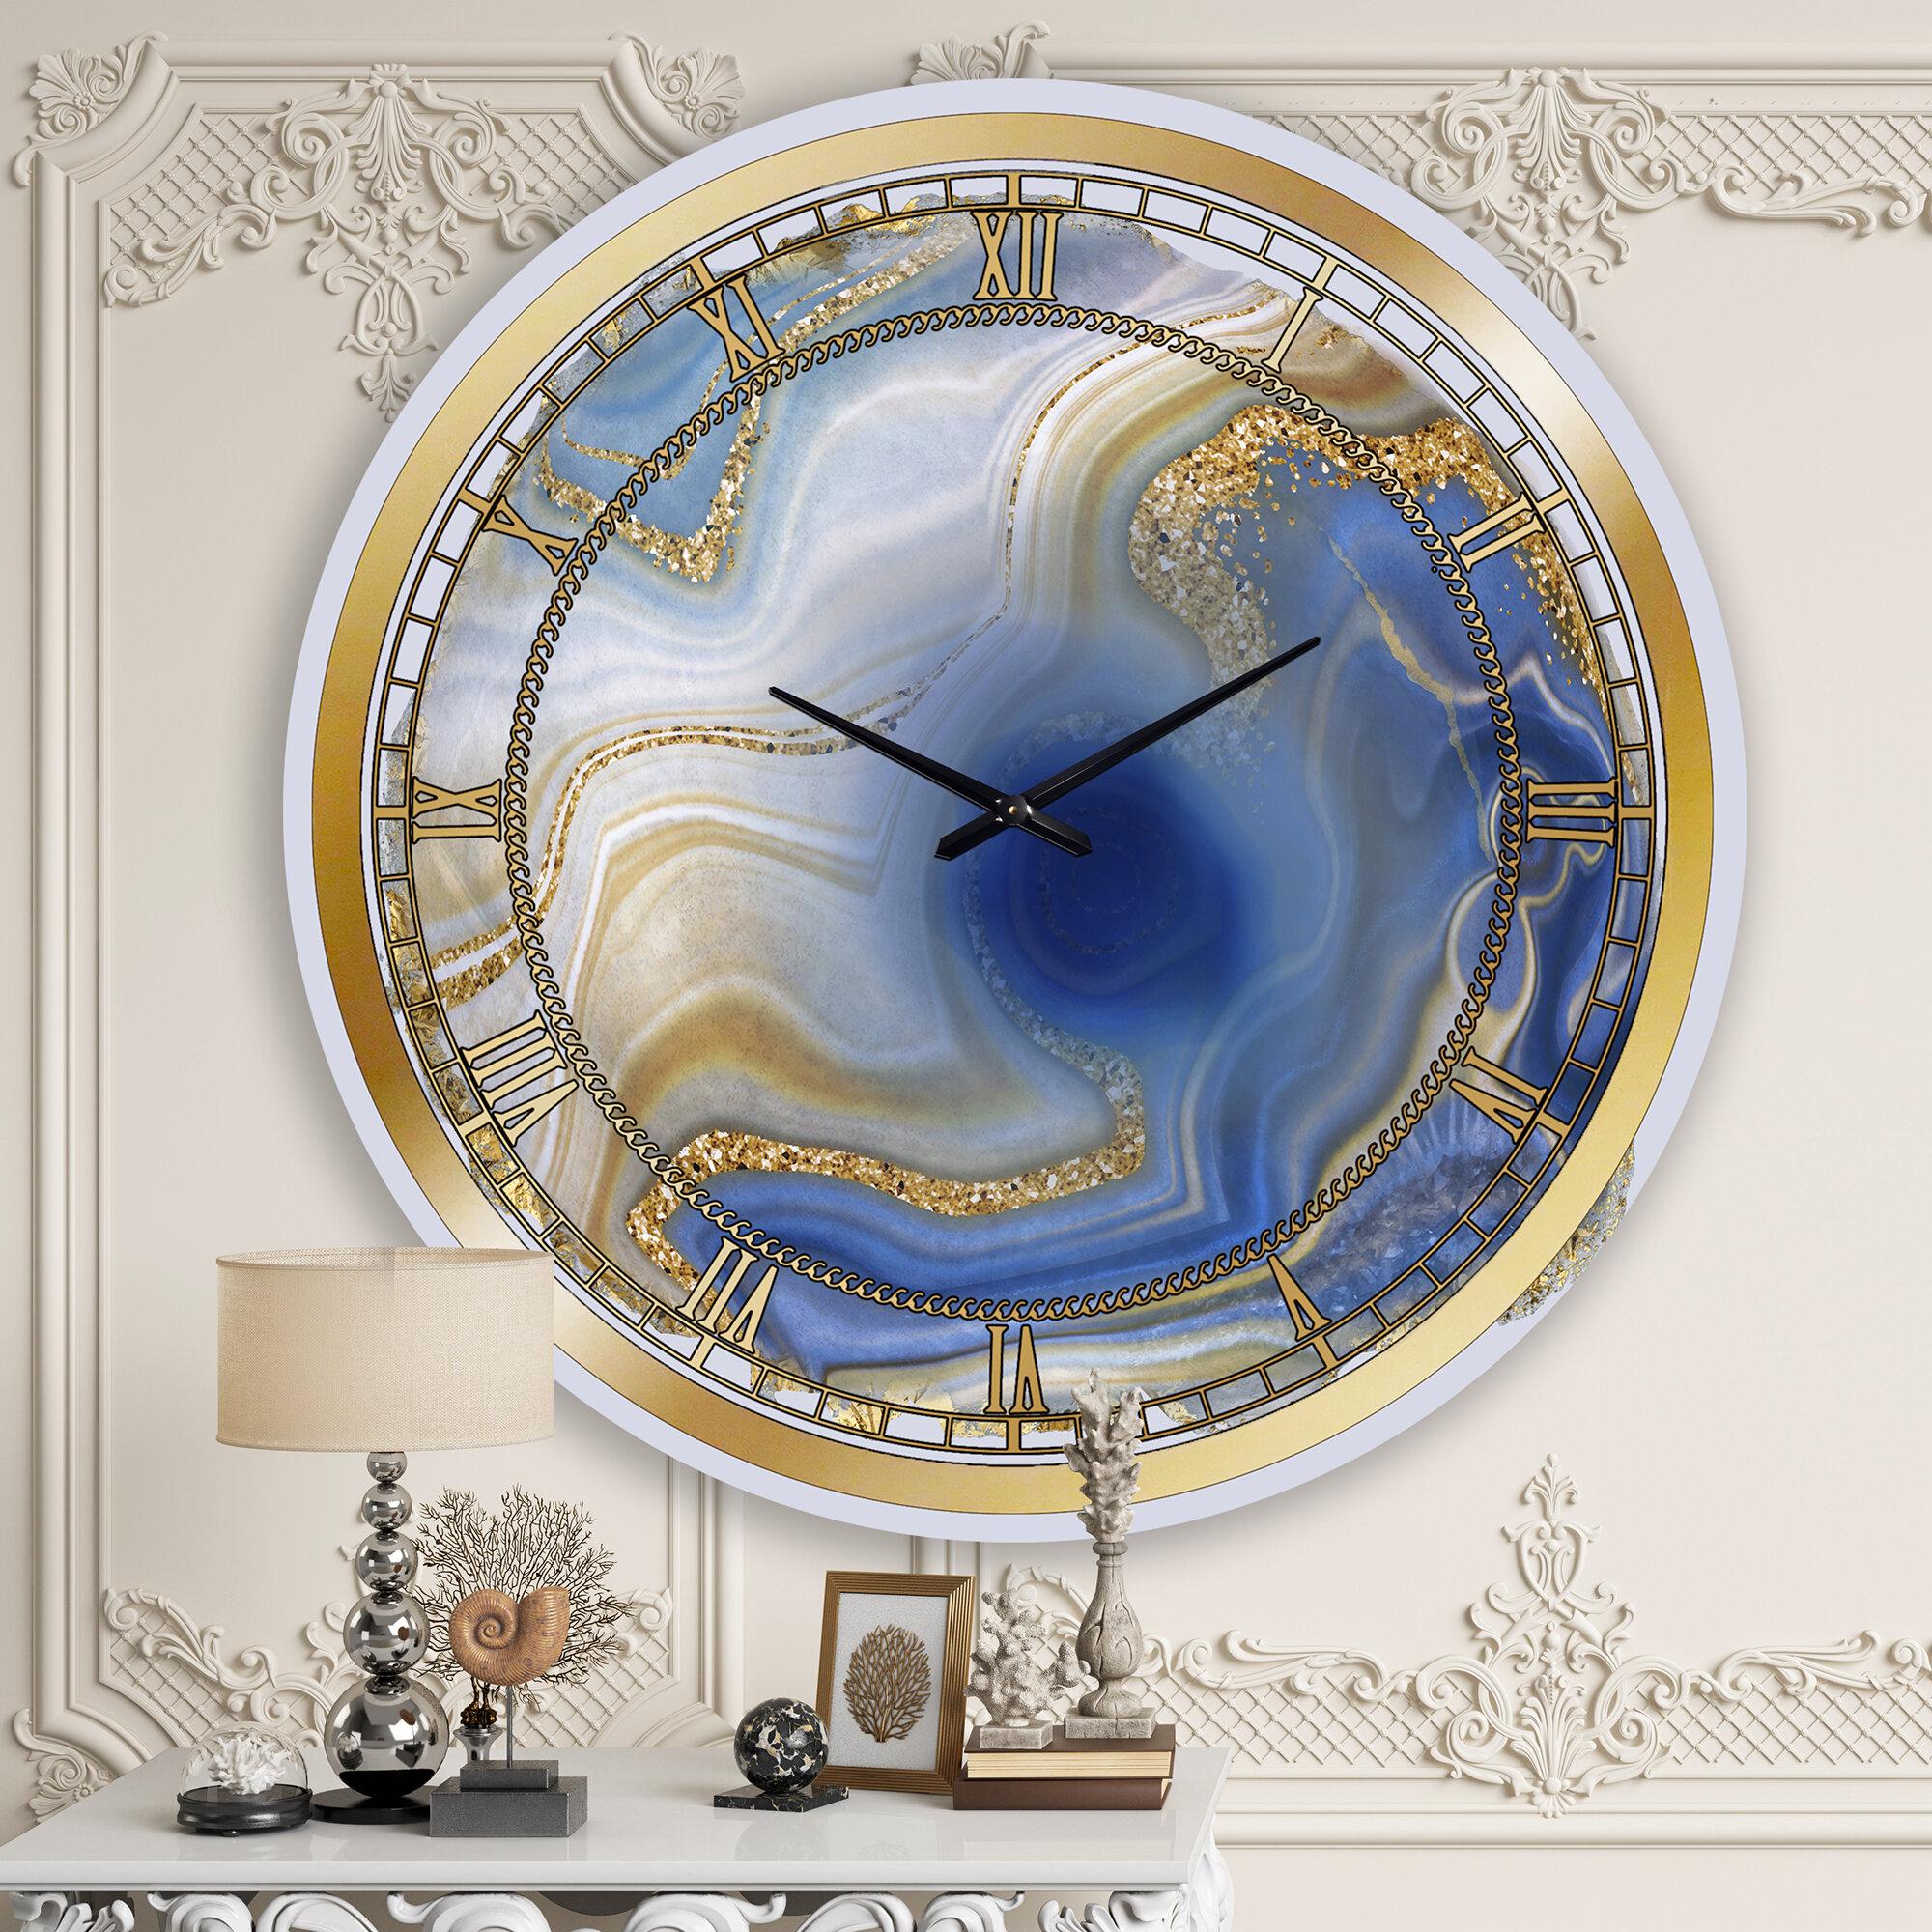 East Urban Home Oversized Ocean Blue Golden Jasper Agate I Wall Clock Reviews Wayfair